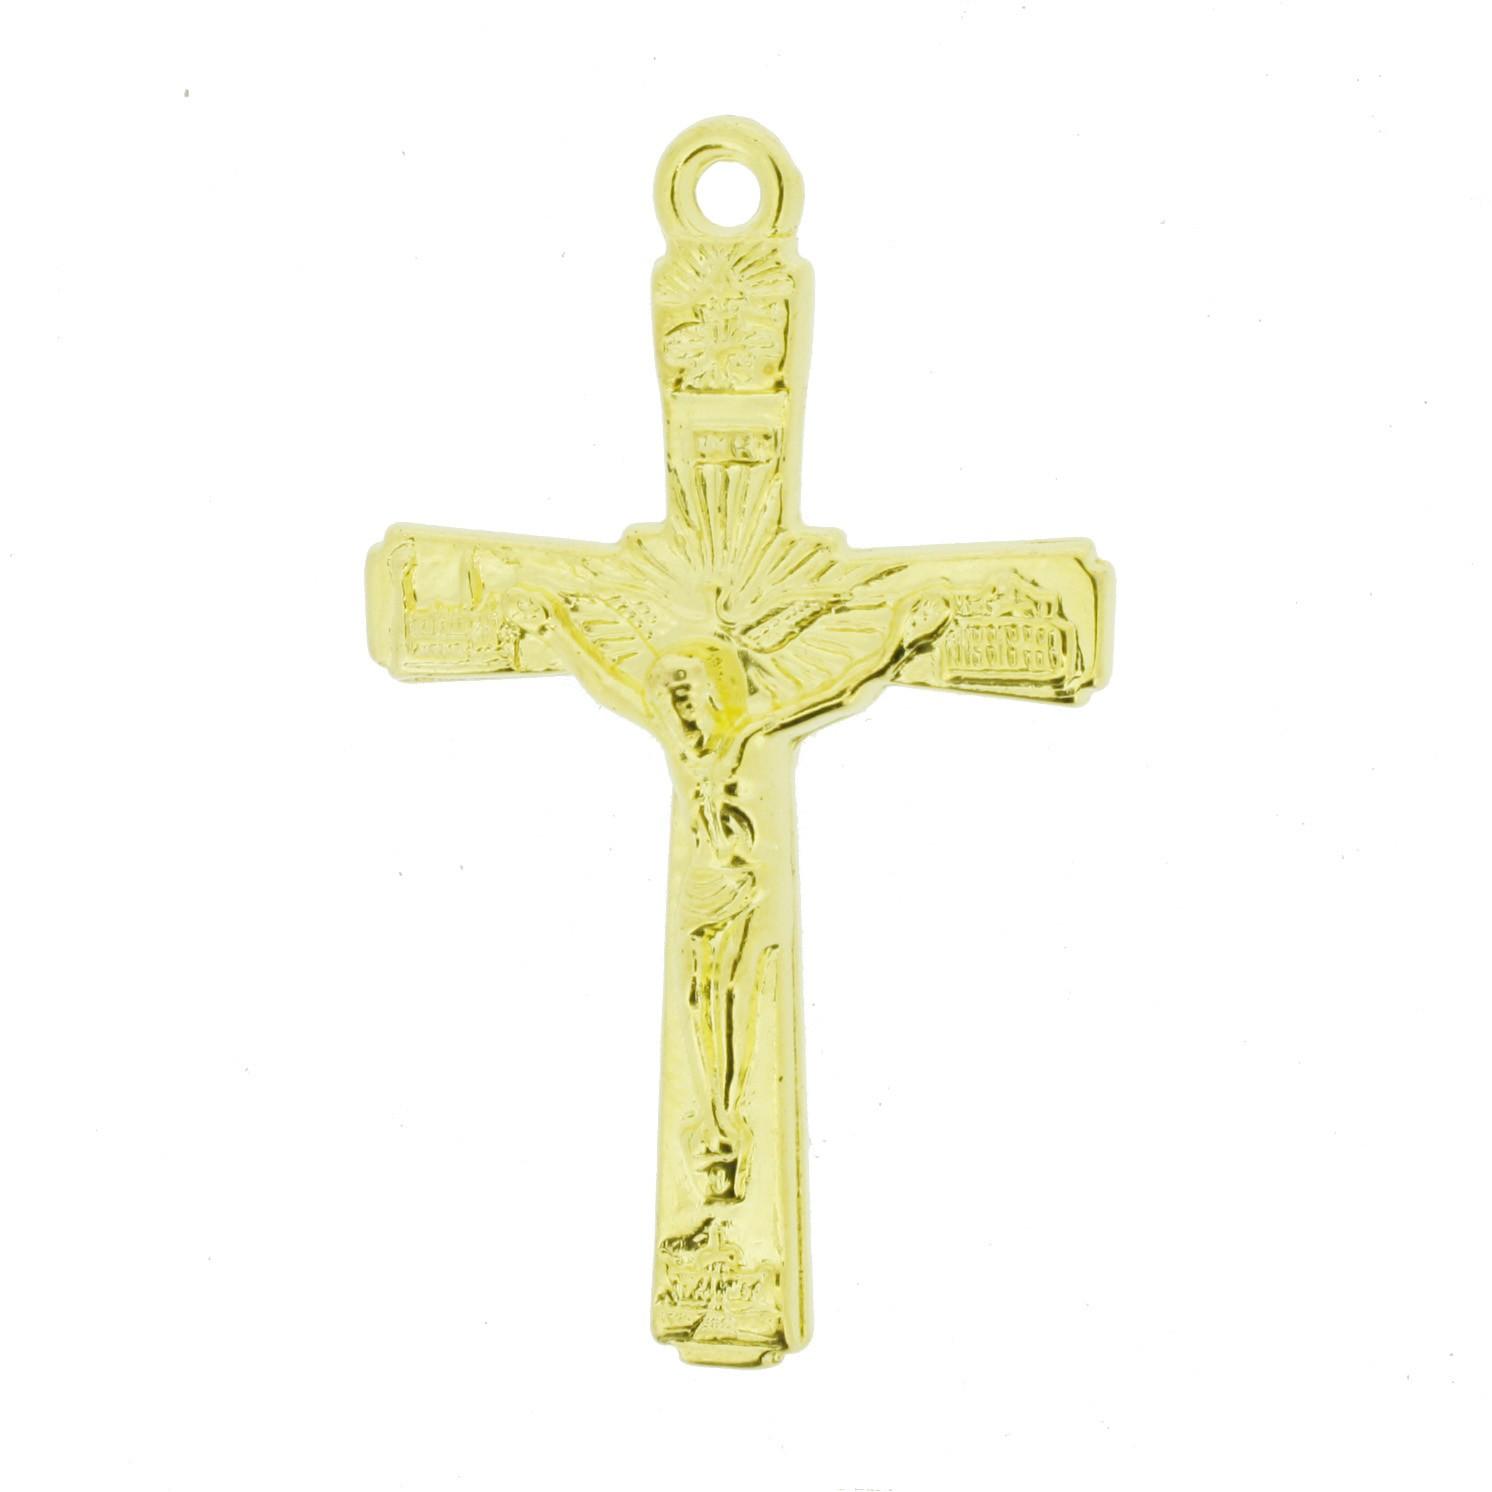 Crucifixo - ABS - Dourado - 5,0cm - 10 Peças  - Universo Religioso® - Artigos de Umbanda e Candomblé